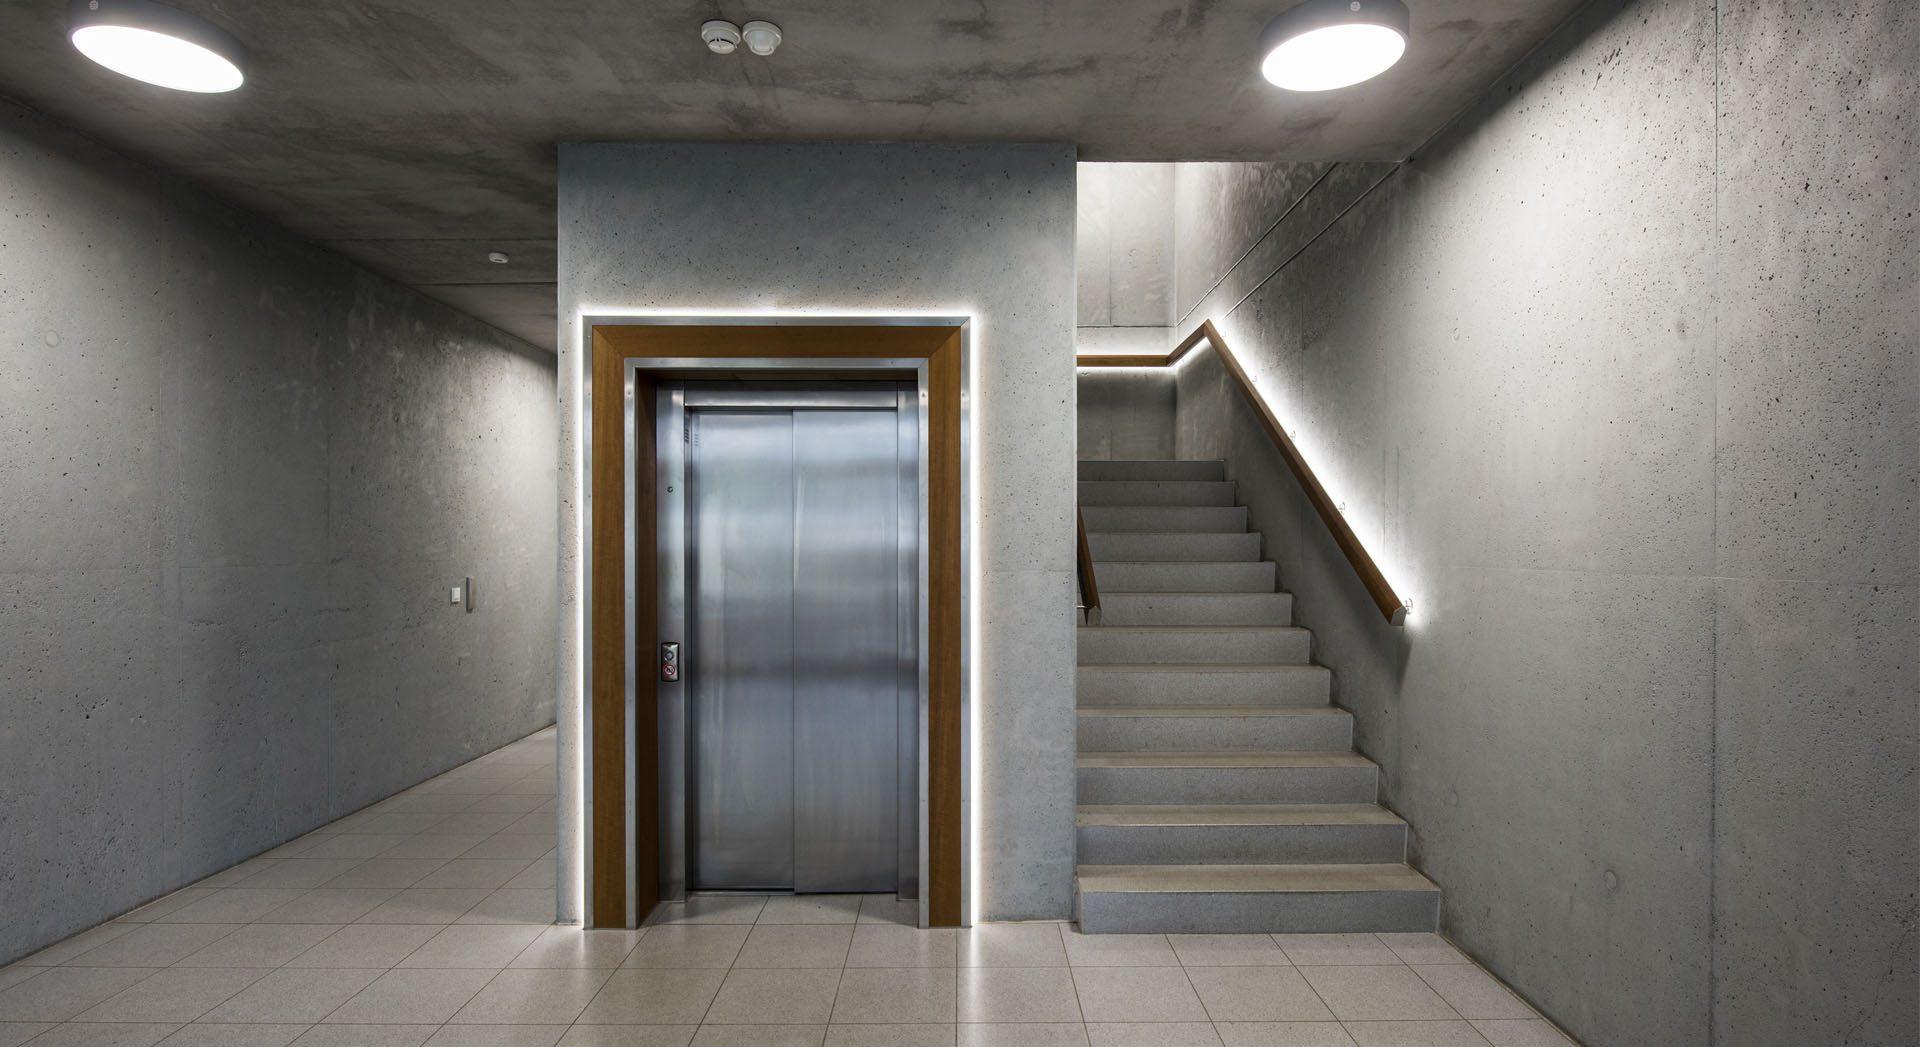 Innenarchitektur; Lichtgestaltung, Lichtdesign; Architektur; Industriearchitektur; Gewerbearchitektur; Neubau; Meyer Werft; Verwaltungsgebäude;